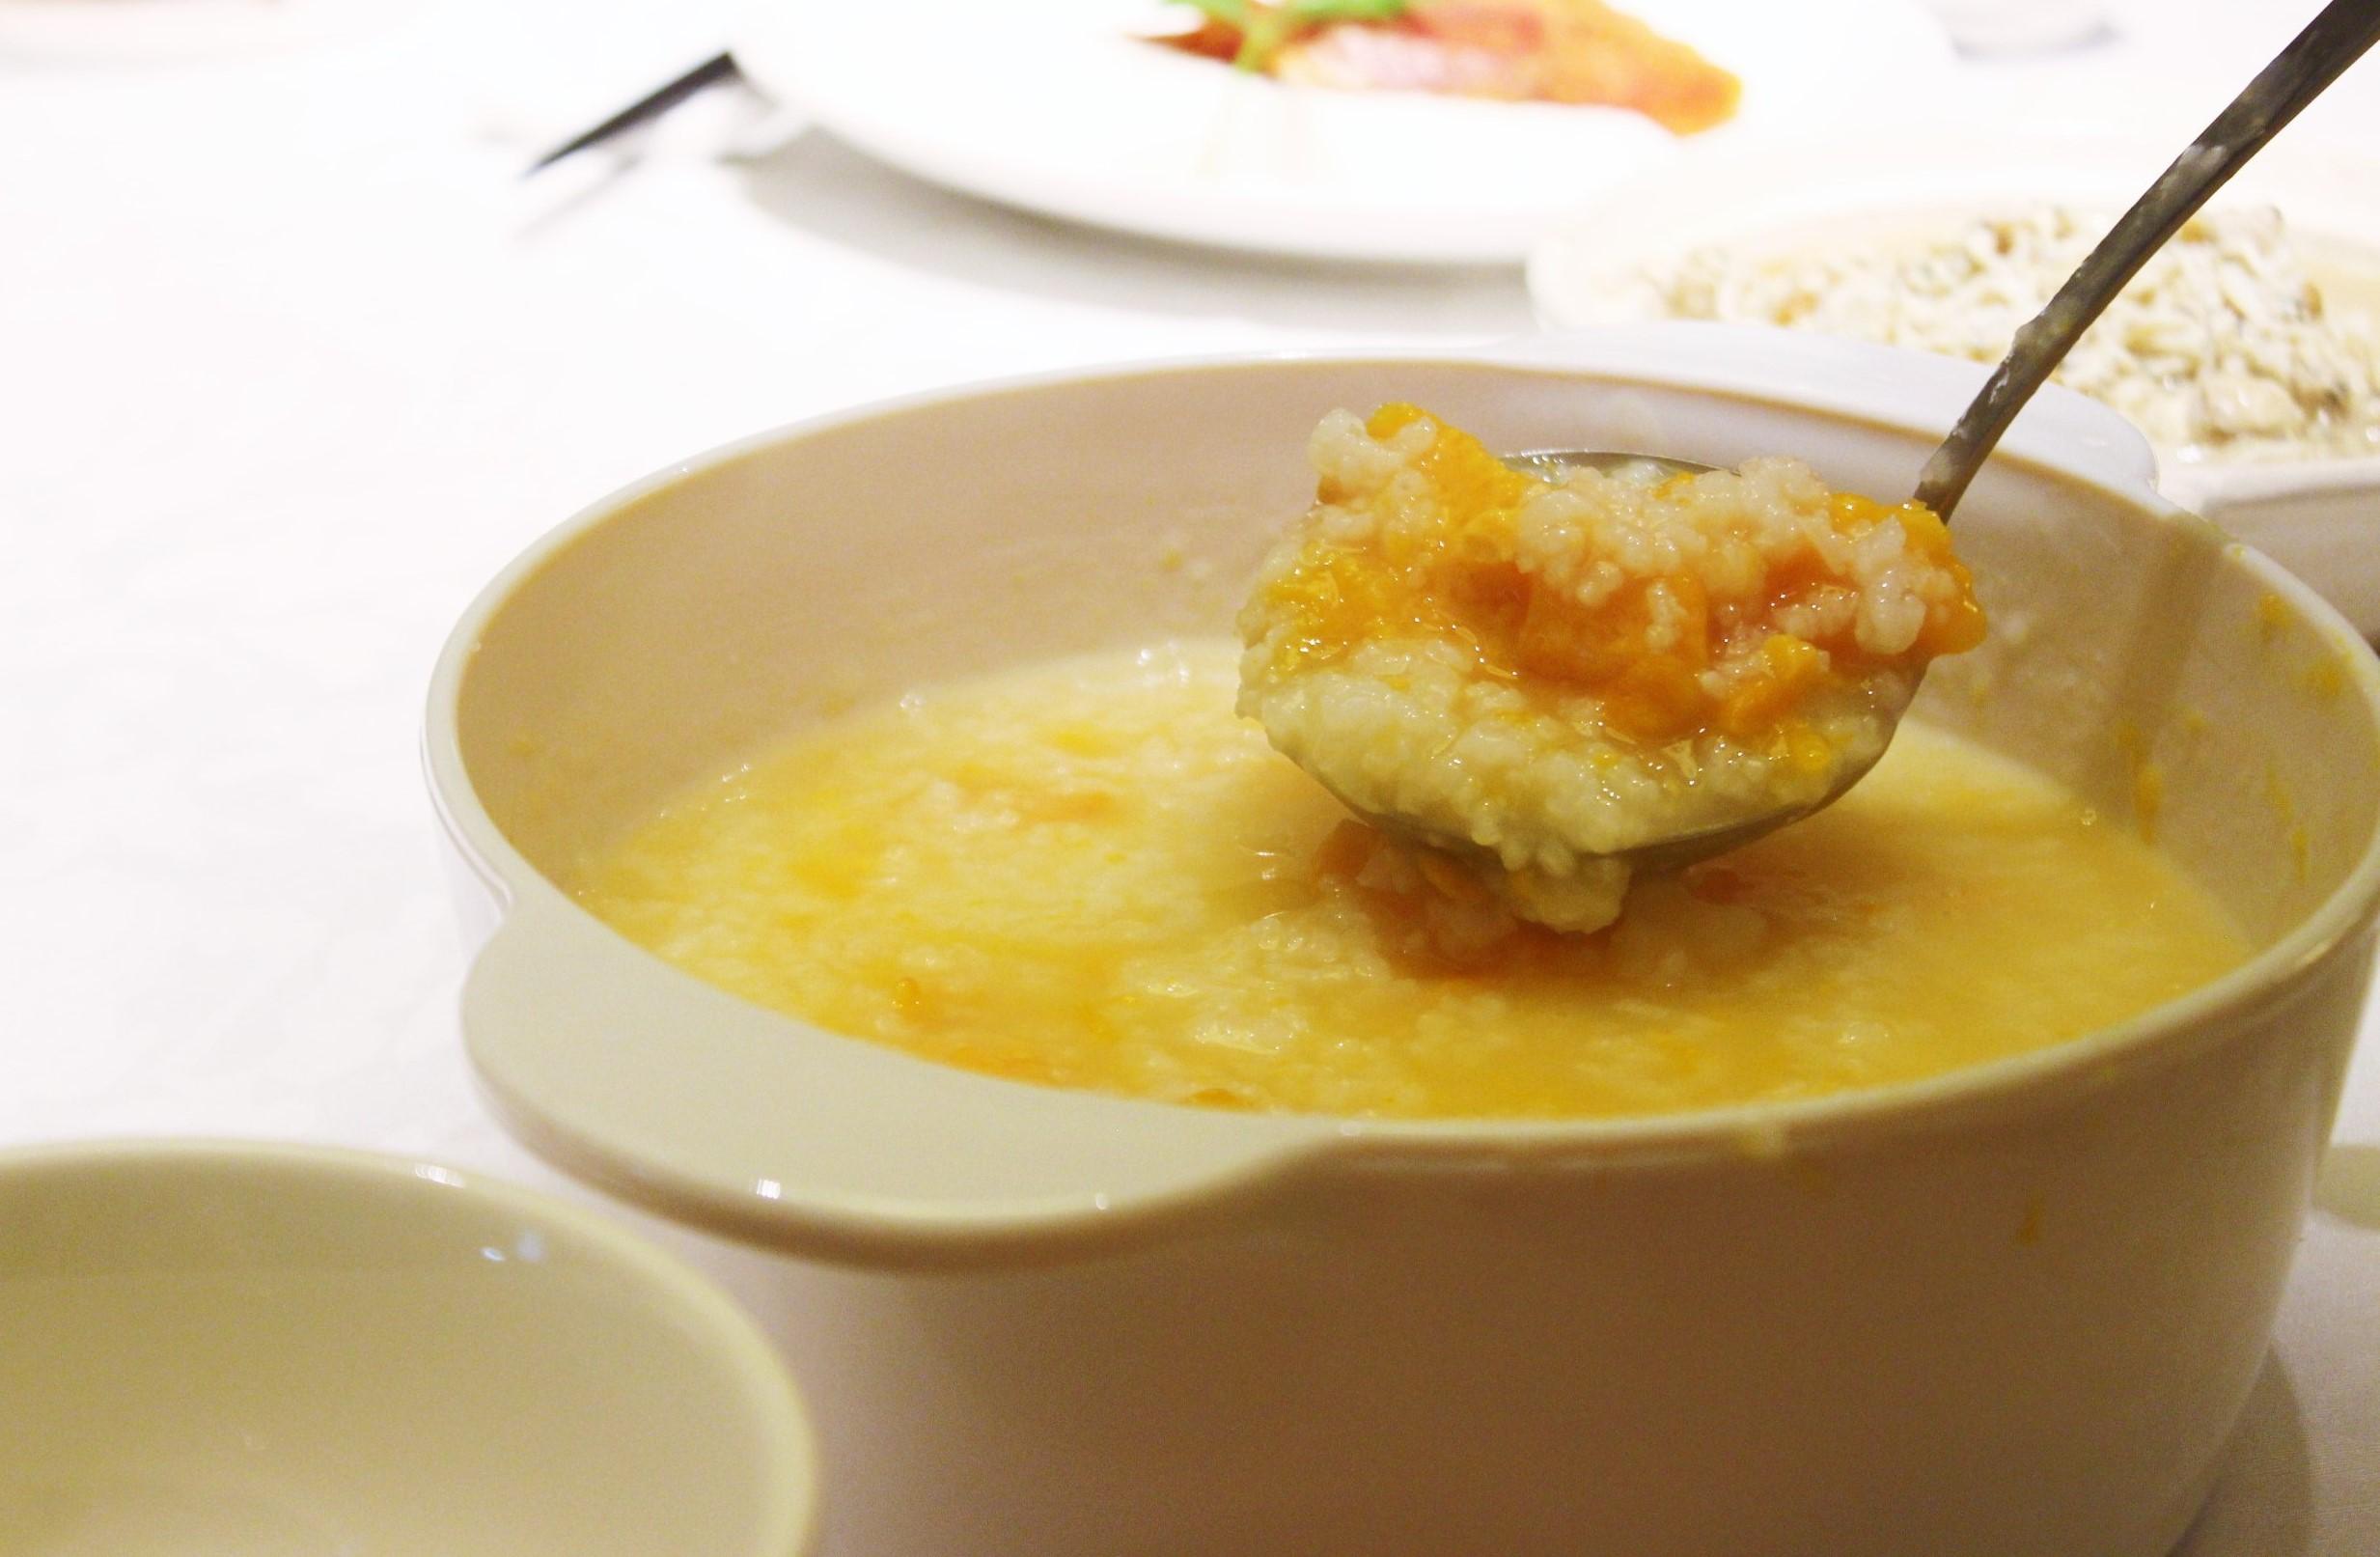 Sweet Potato Porridge 地瓜粥 at 欣葉 in Taiwan